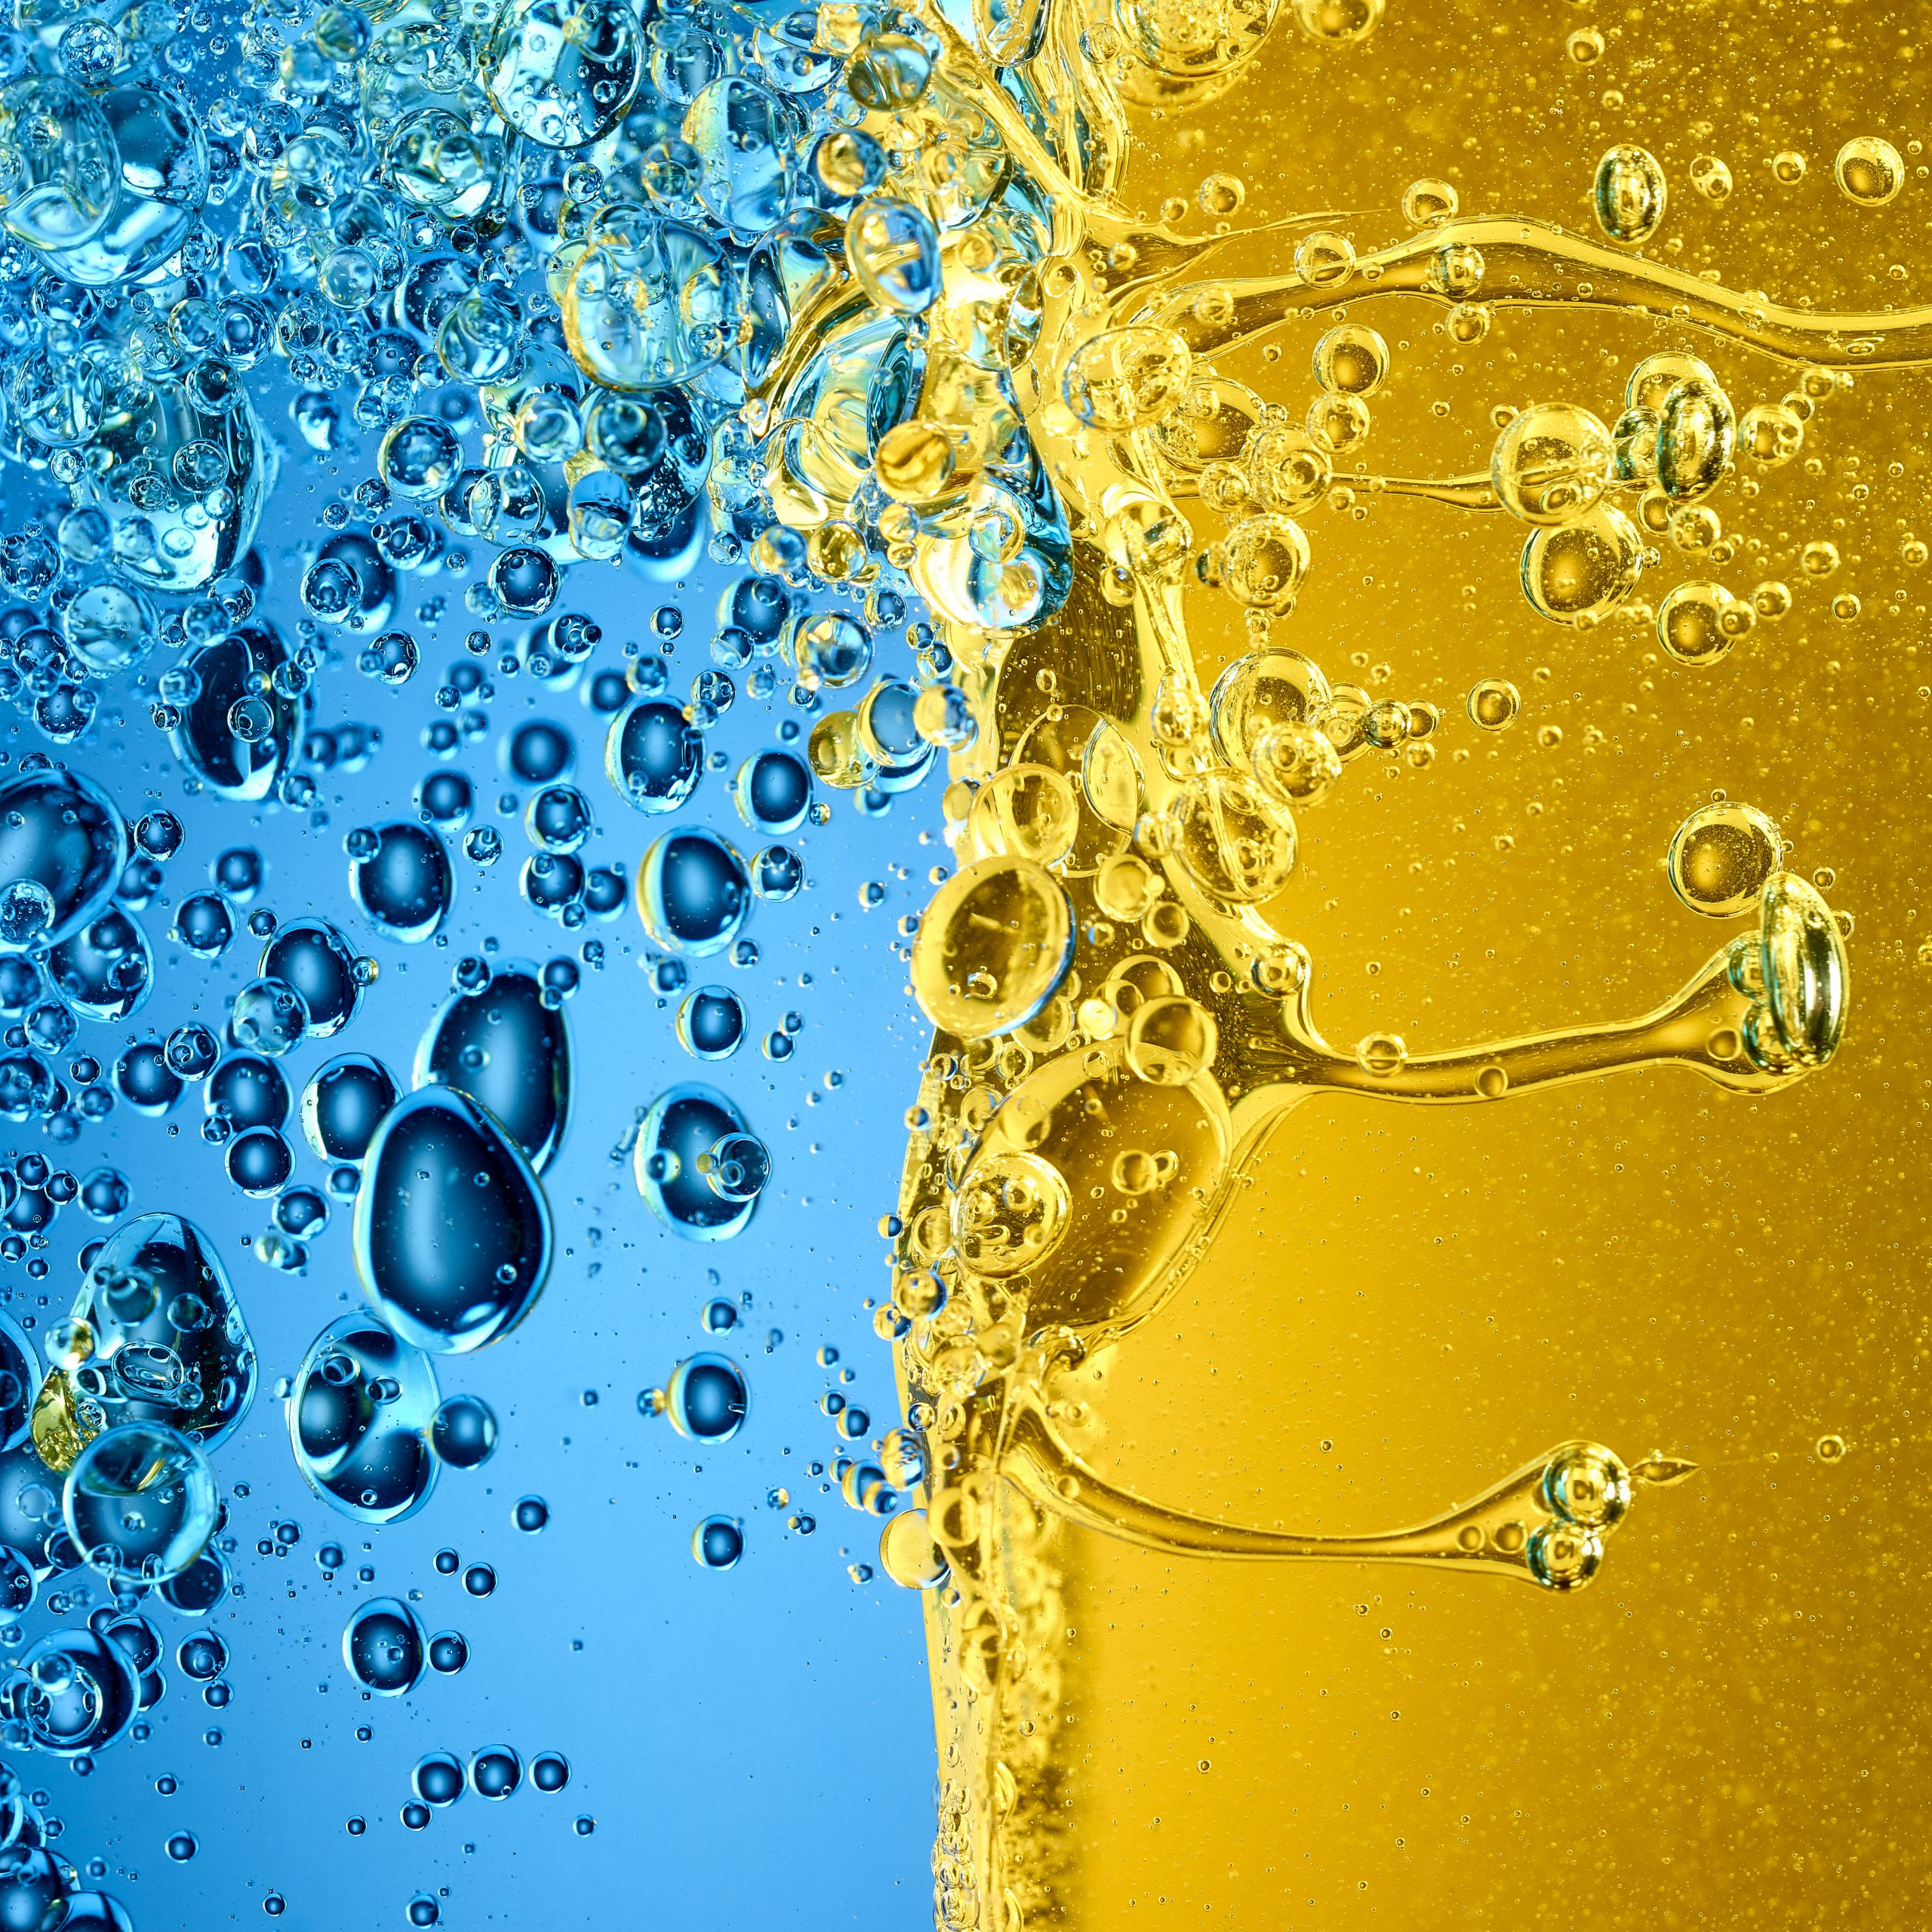 liquids treffen mit hoher Geschwindigkeit aufeinander und produzieren Skulpturen und Blasen die fast schon surreal wirken. Es sind blaue und gelbe Flüssigkeiten